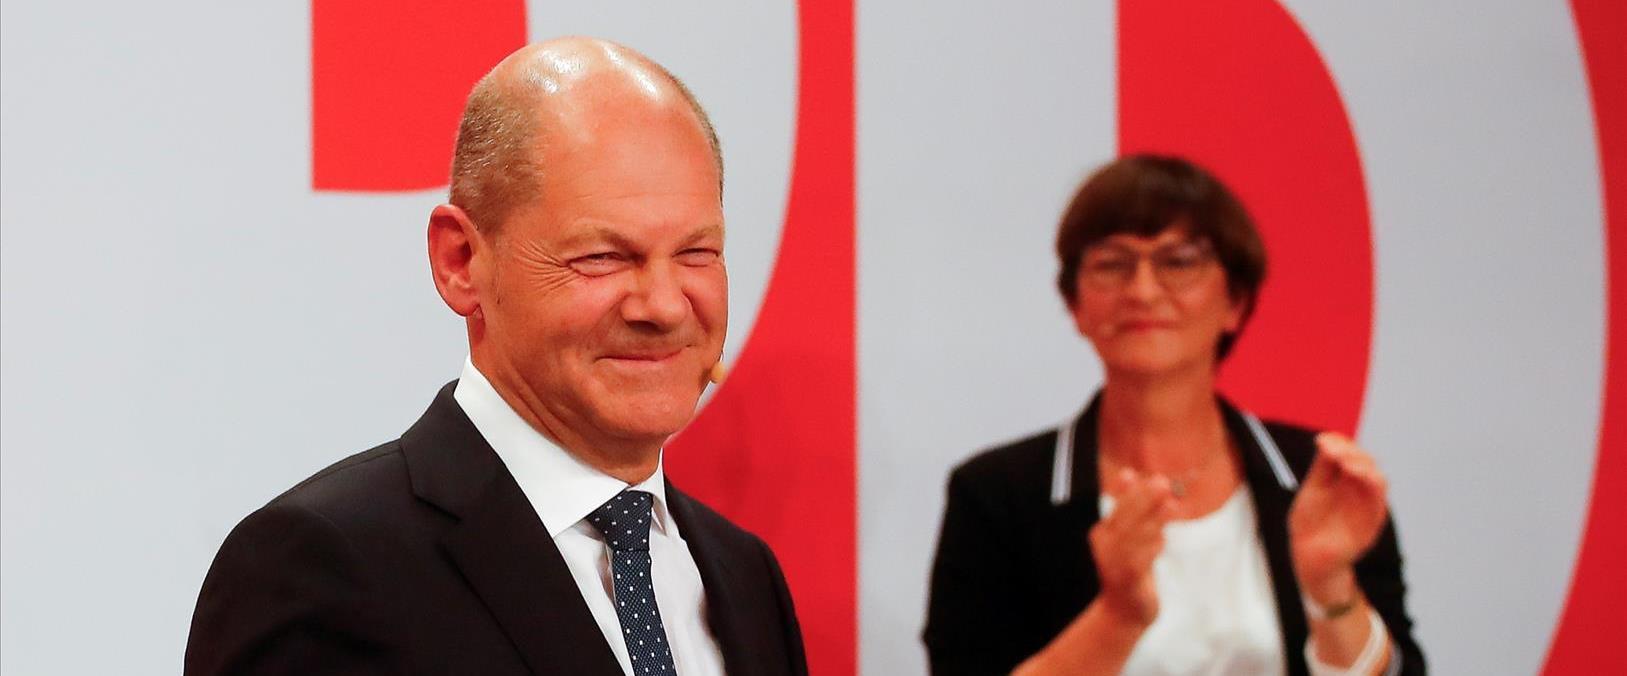 המועמדים לראשות הממשלה בגרמניה